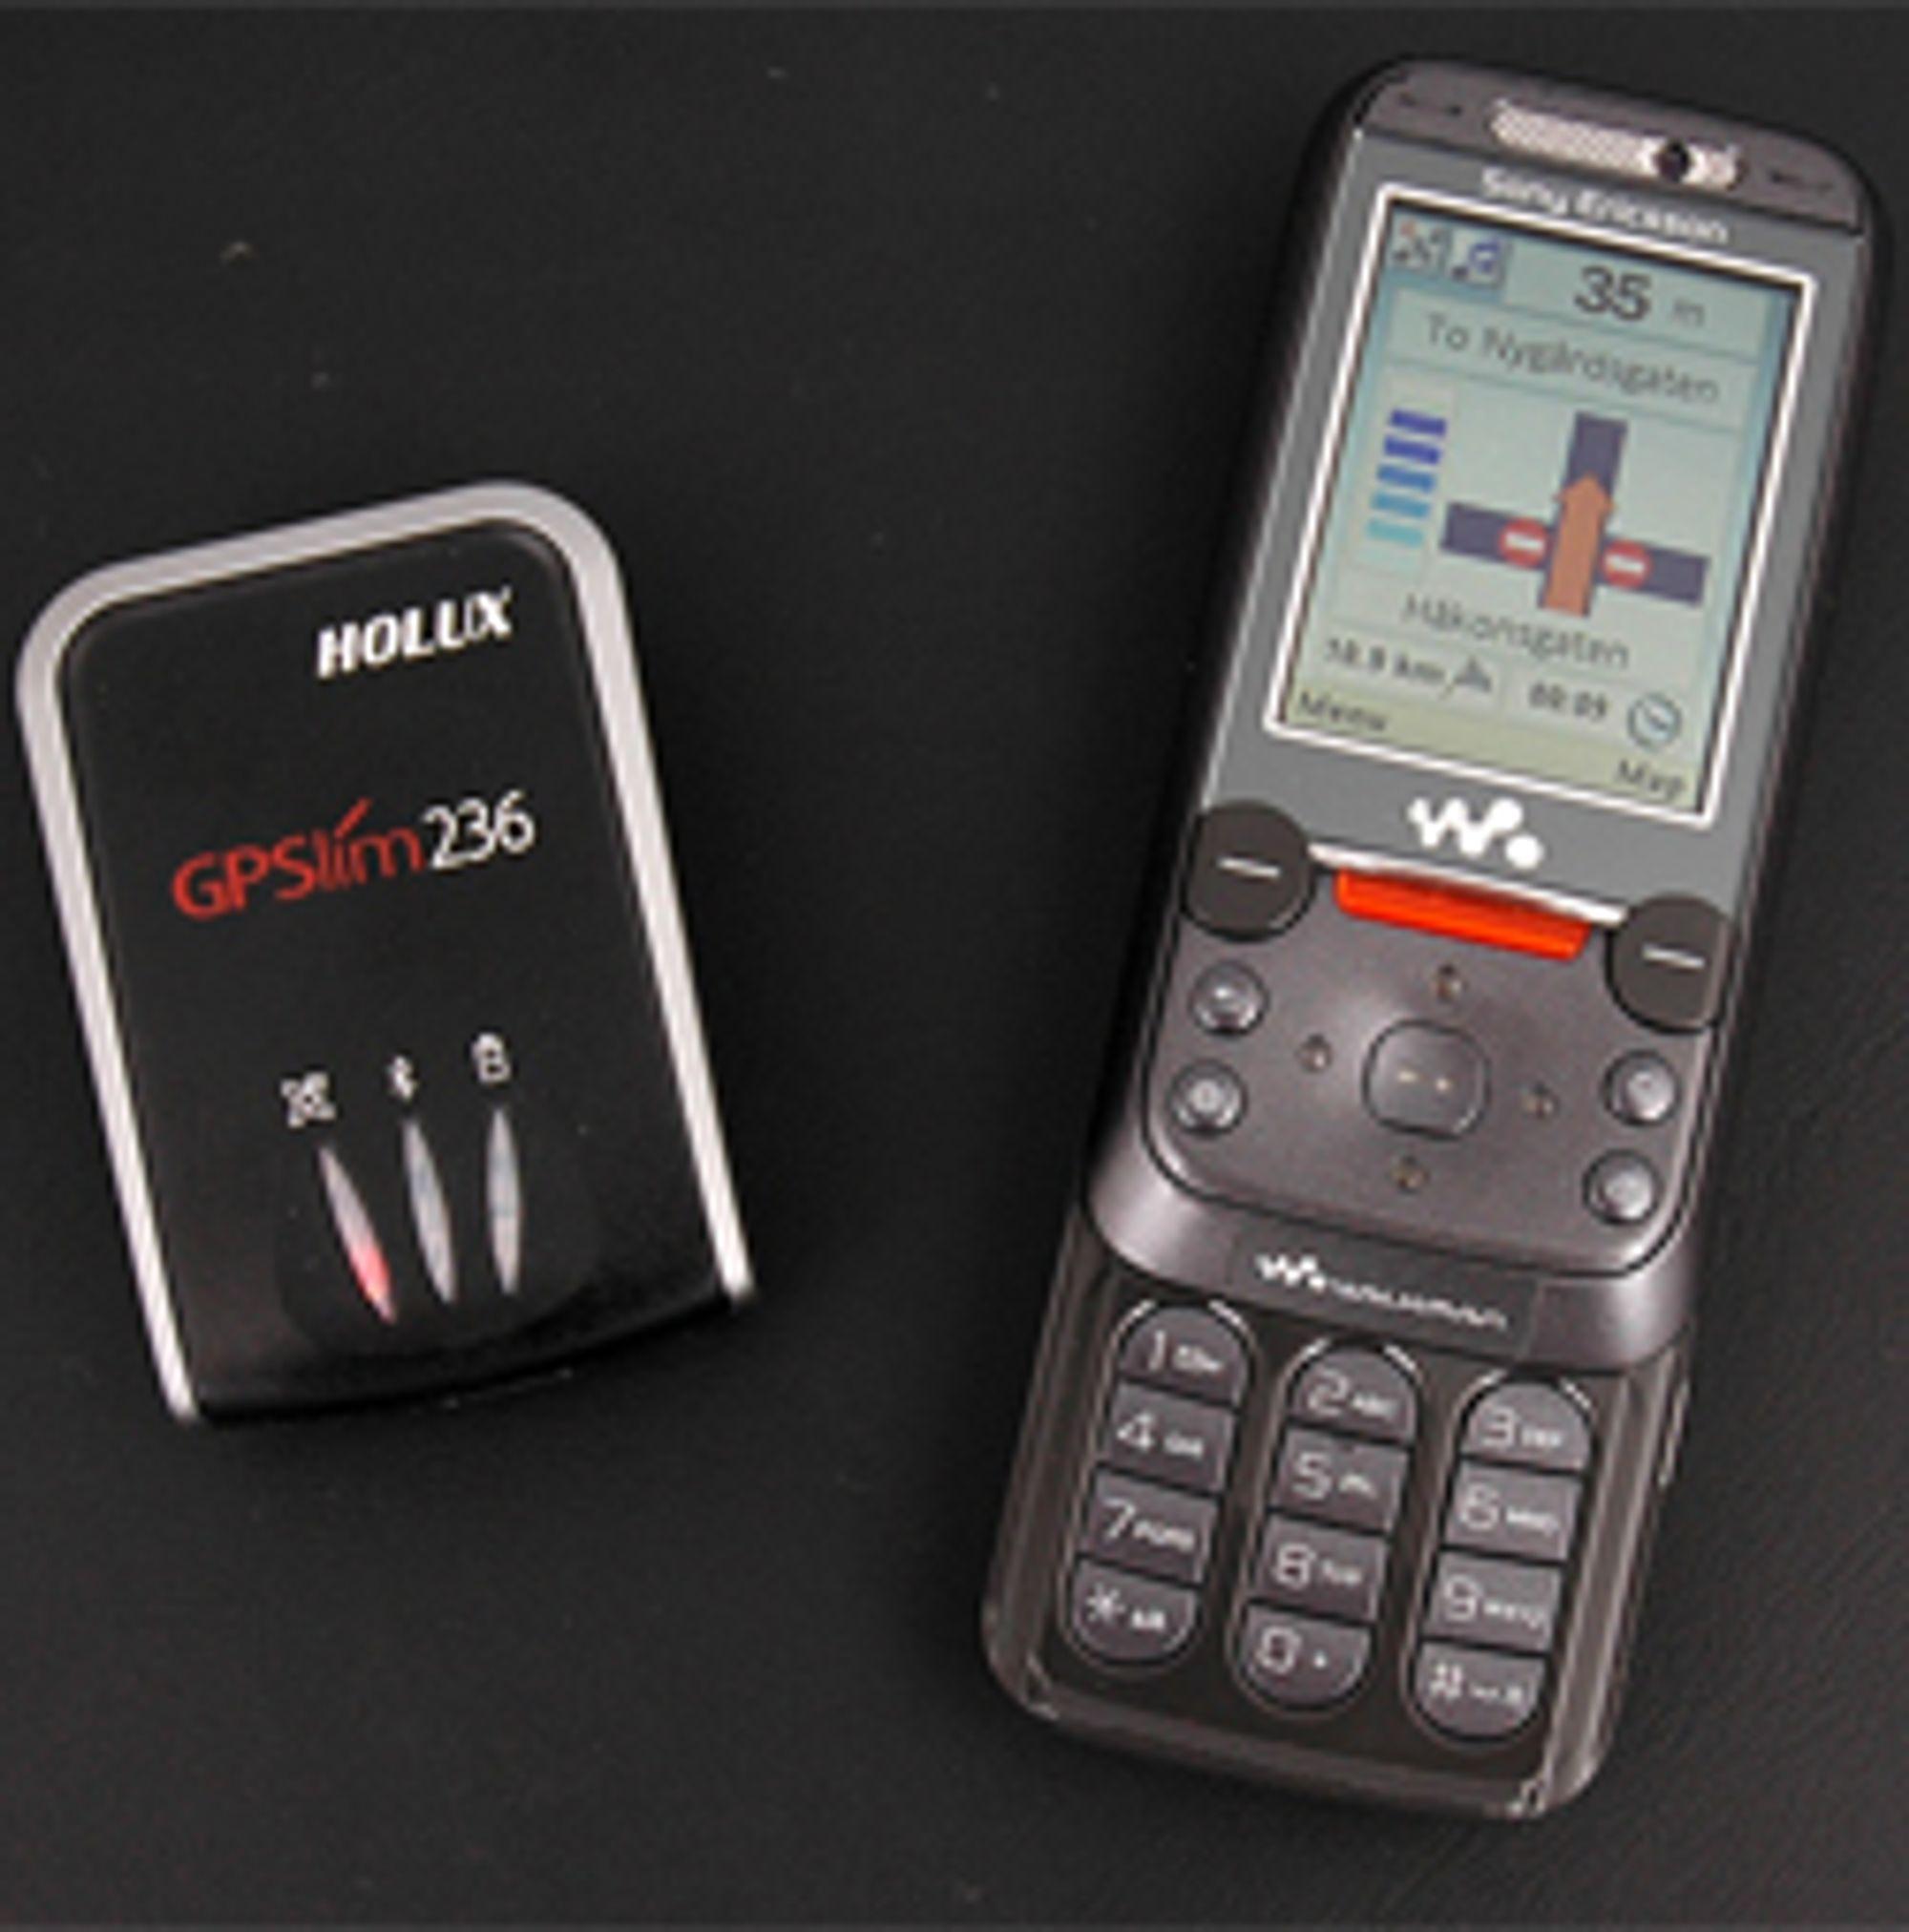 Du trenger en egnet mobil og en Bluetooth-basert GPS-mottaker.